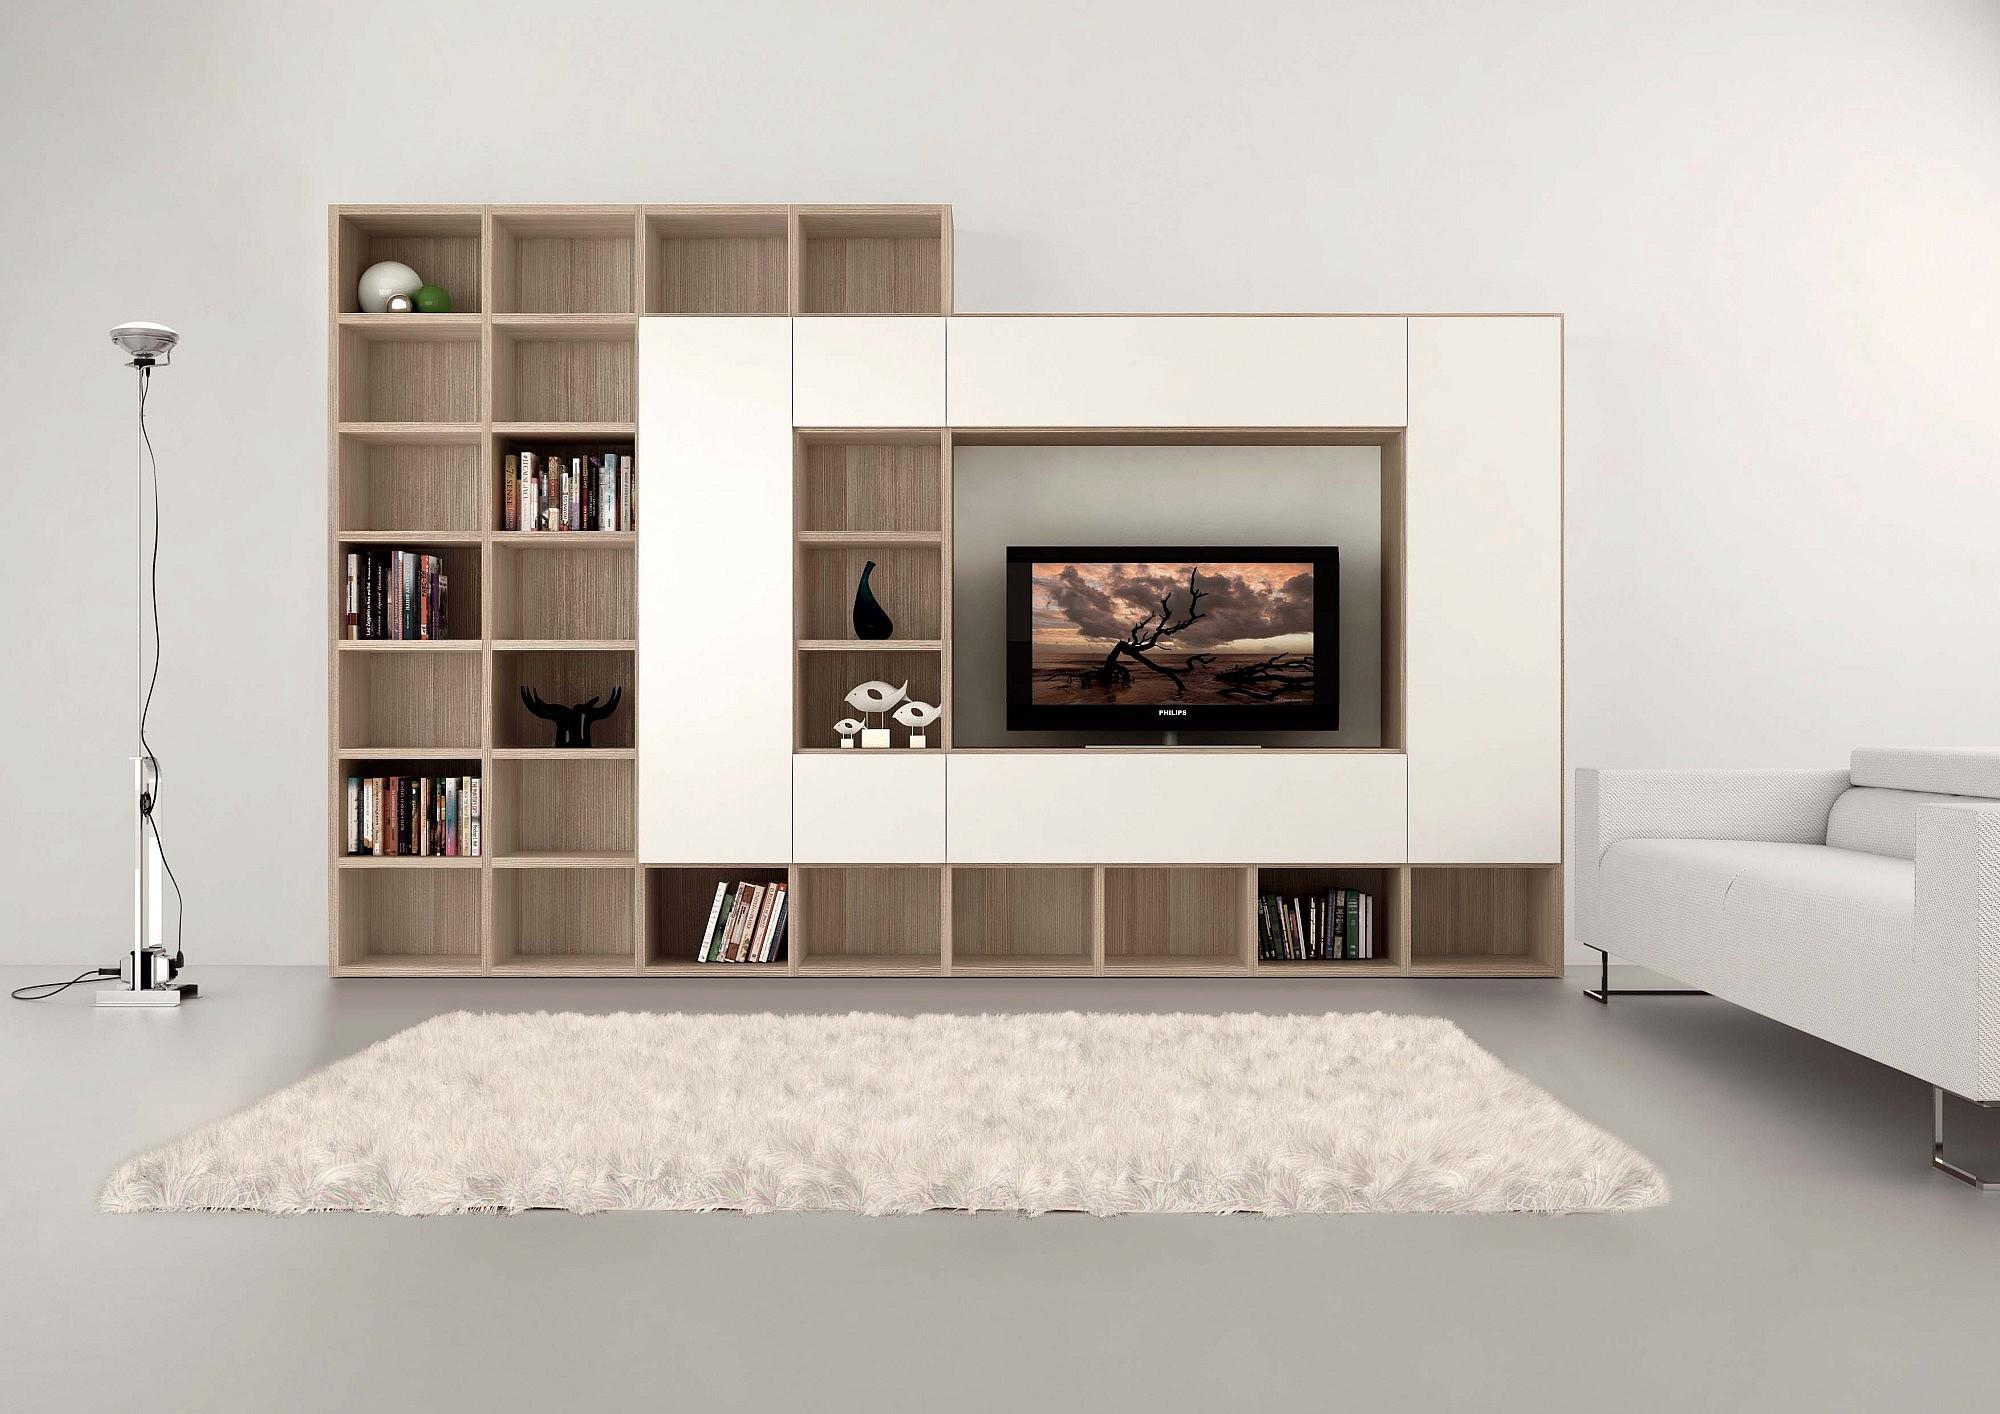 Goedkoop Tv Meubel Ikea.Ikea Kasten In Elkaar Laten Zetten Met Montageservice Tgwonen